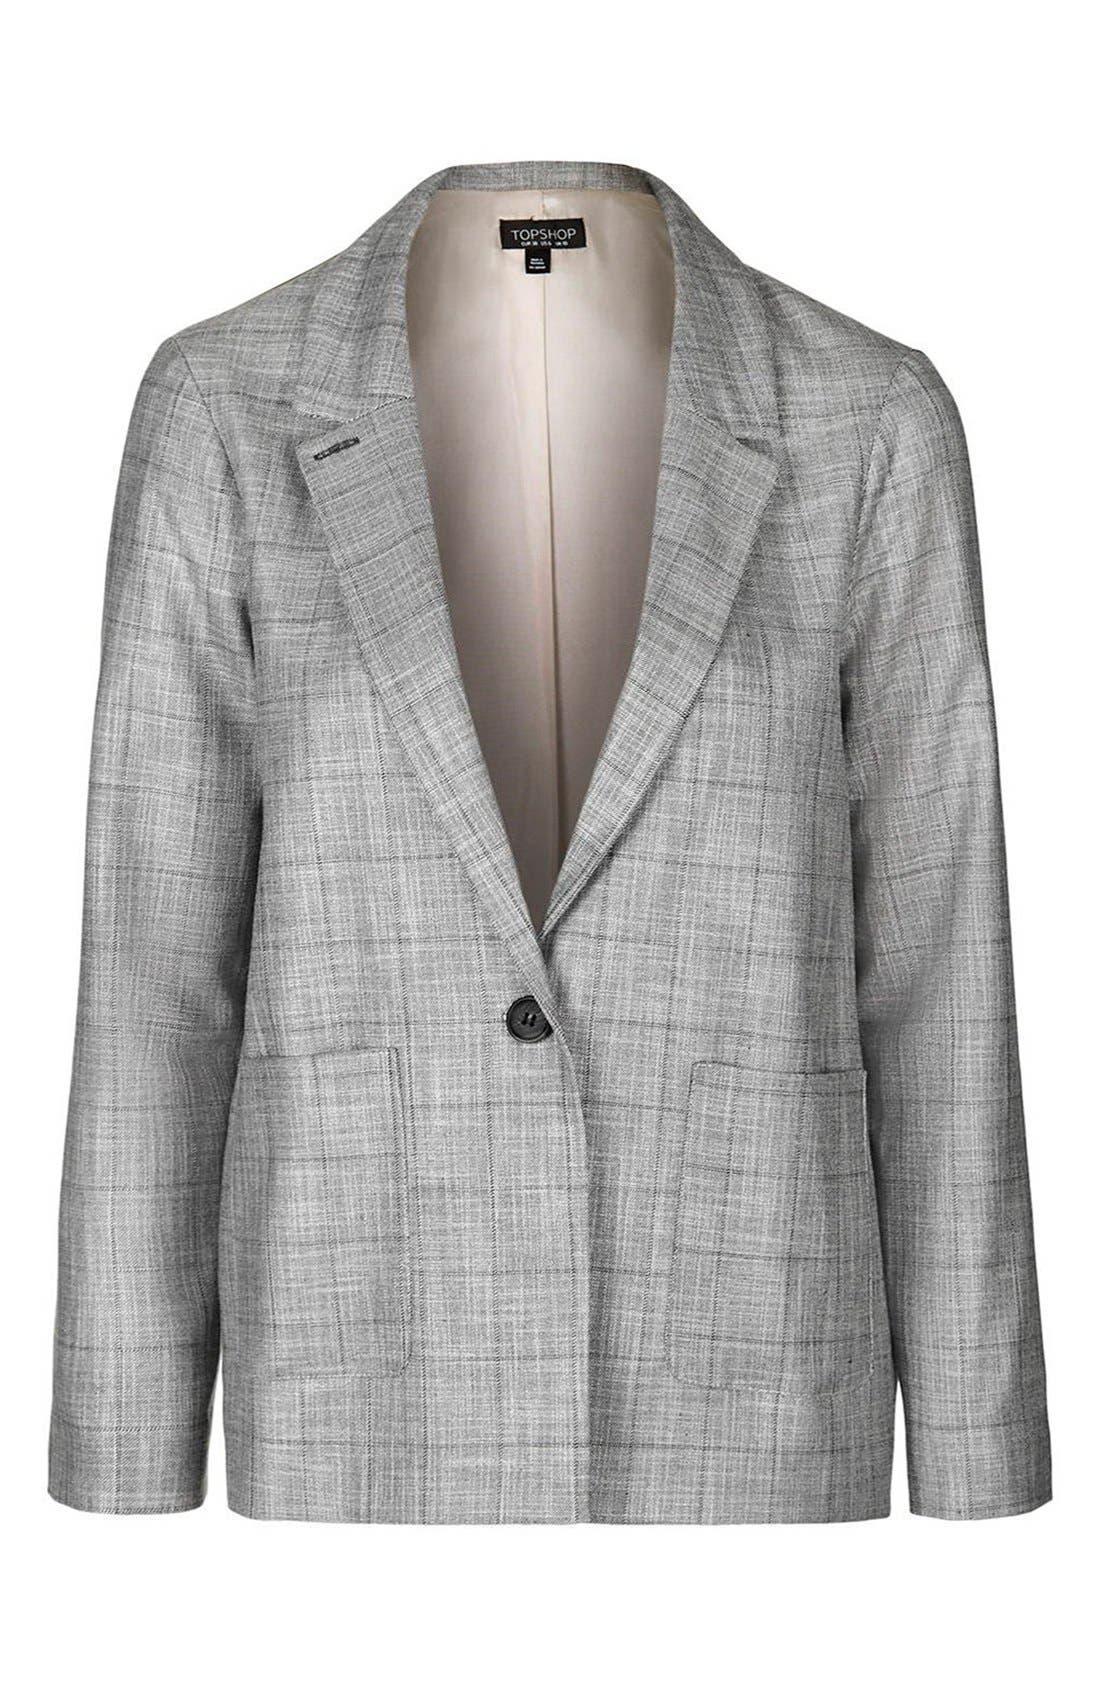 TOPSHOP,                             'Check Tonic' One-Button Suit Blazer,                             Alternate thumbnail 3, color,                             020